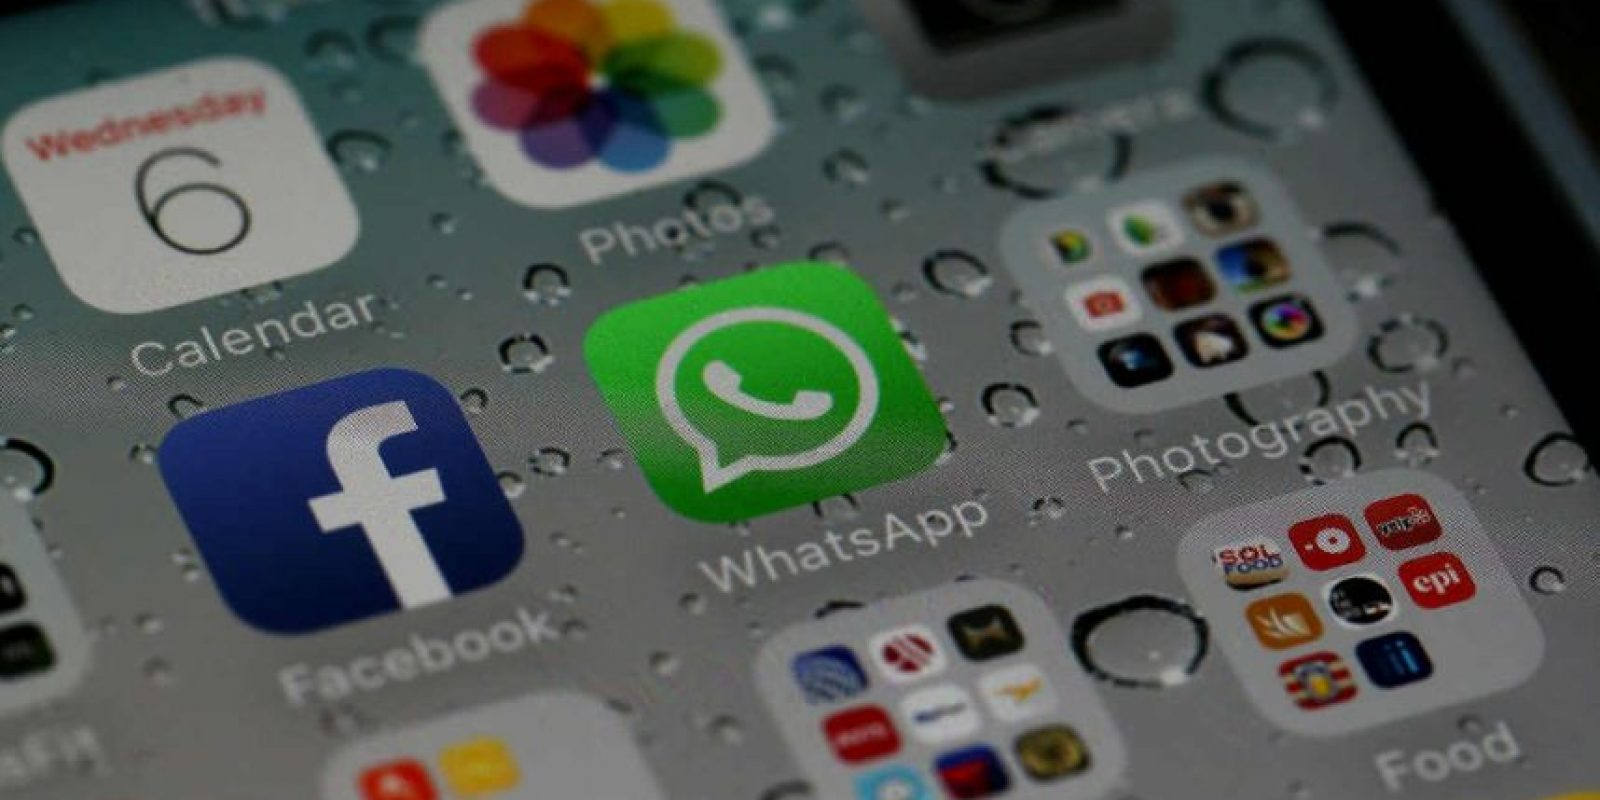 """Sólo nuestro móvil y el de nuestro contacto tienen la """"llave"""" que descifra los mensajes. Foto:Getty Images"""